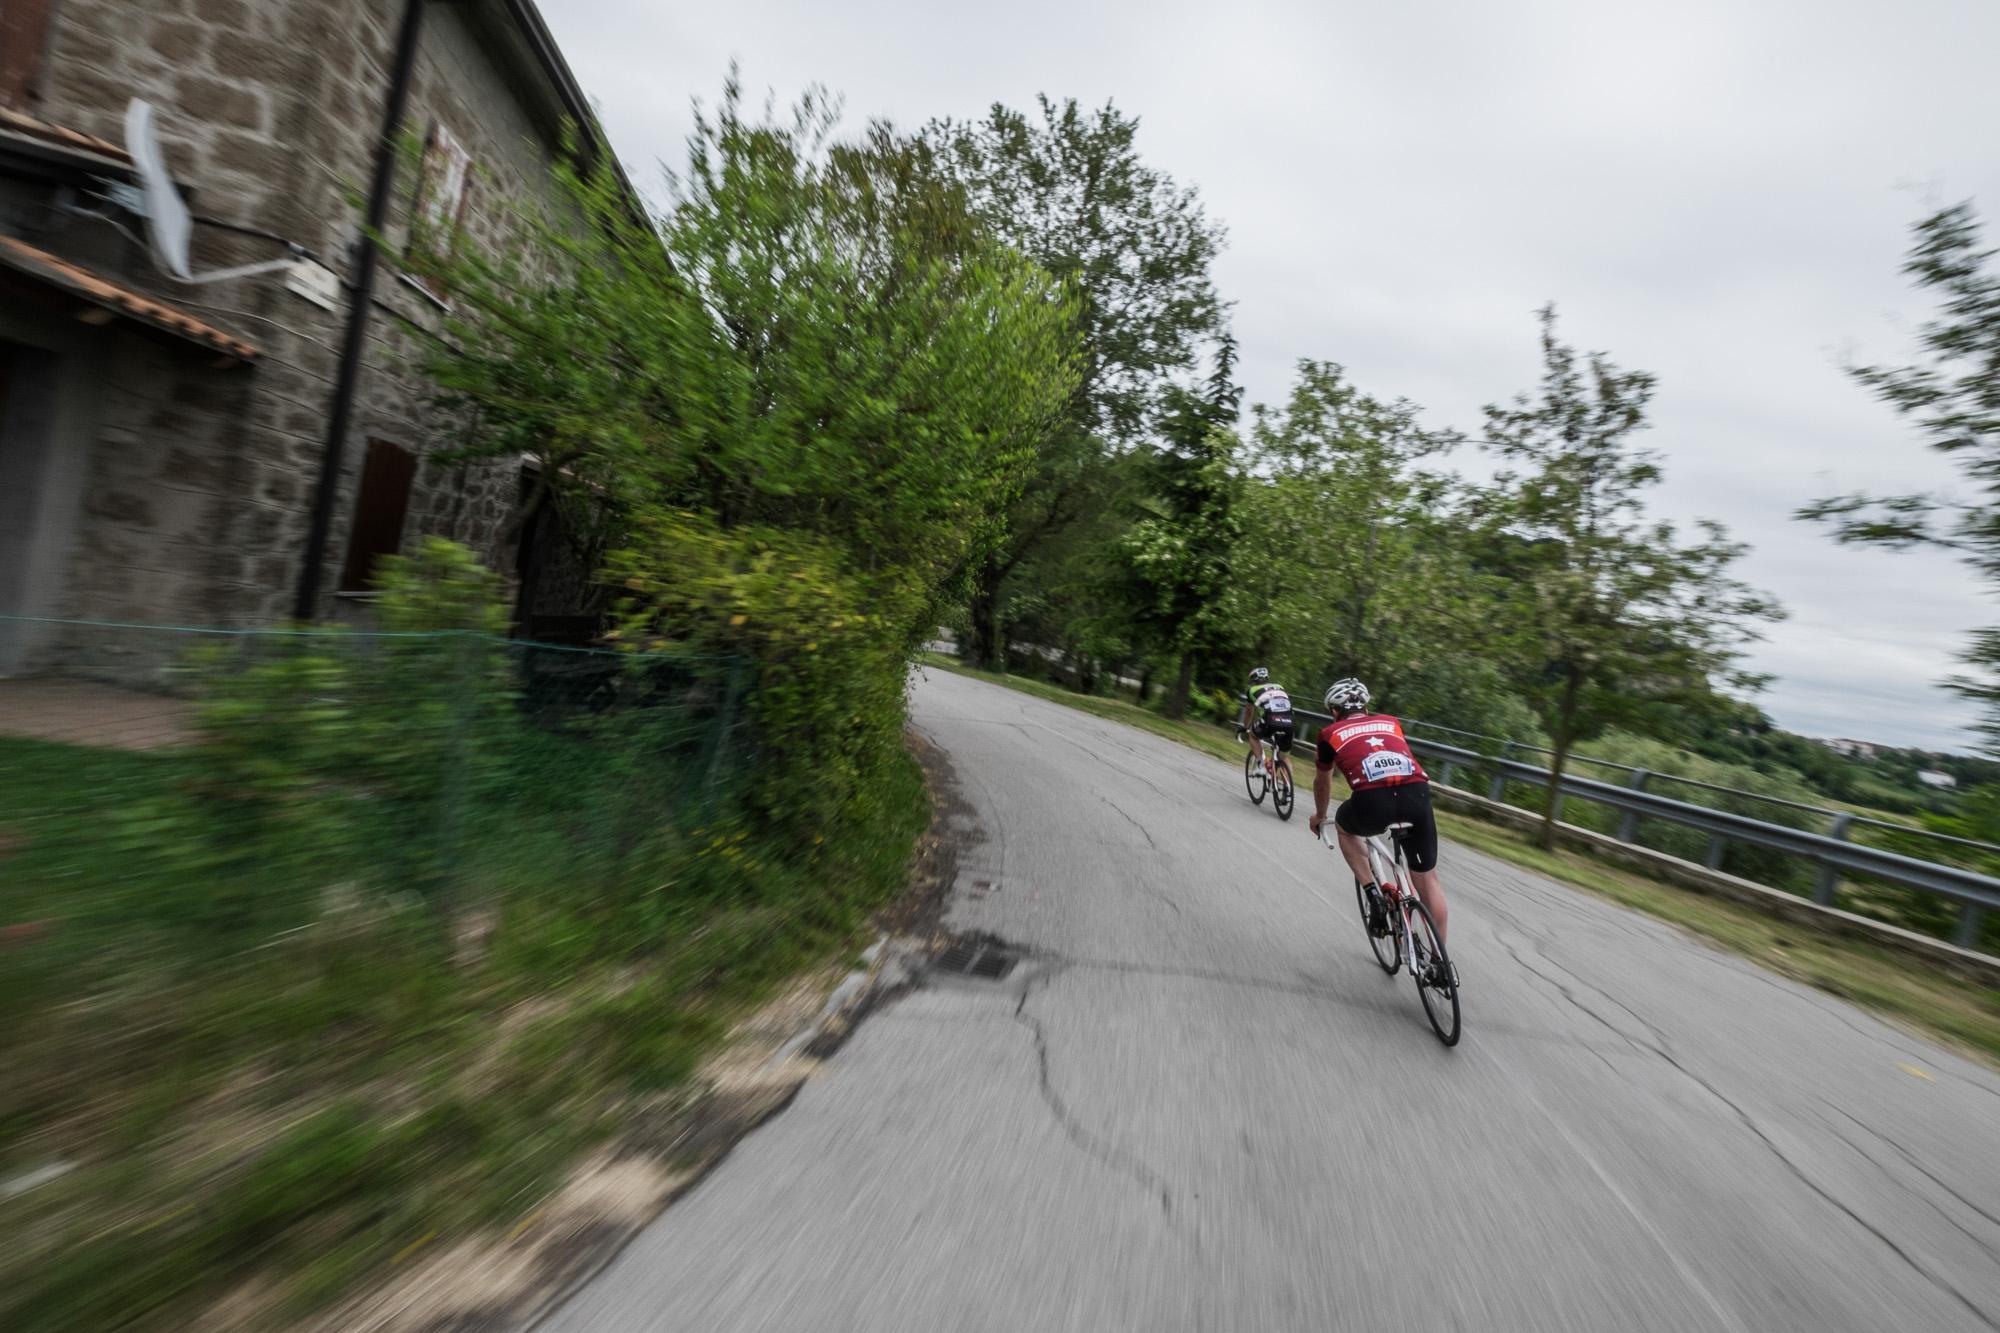 Rennradfahrer auf einer rasanten Abfahrt.